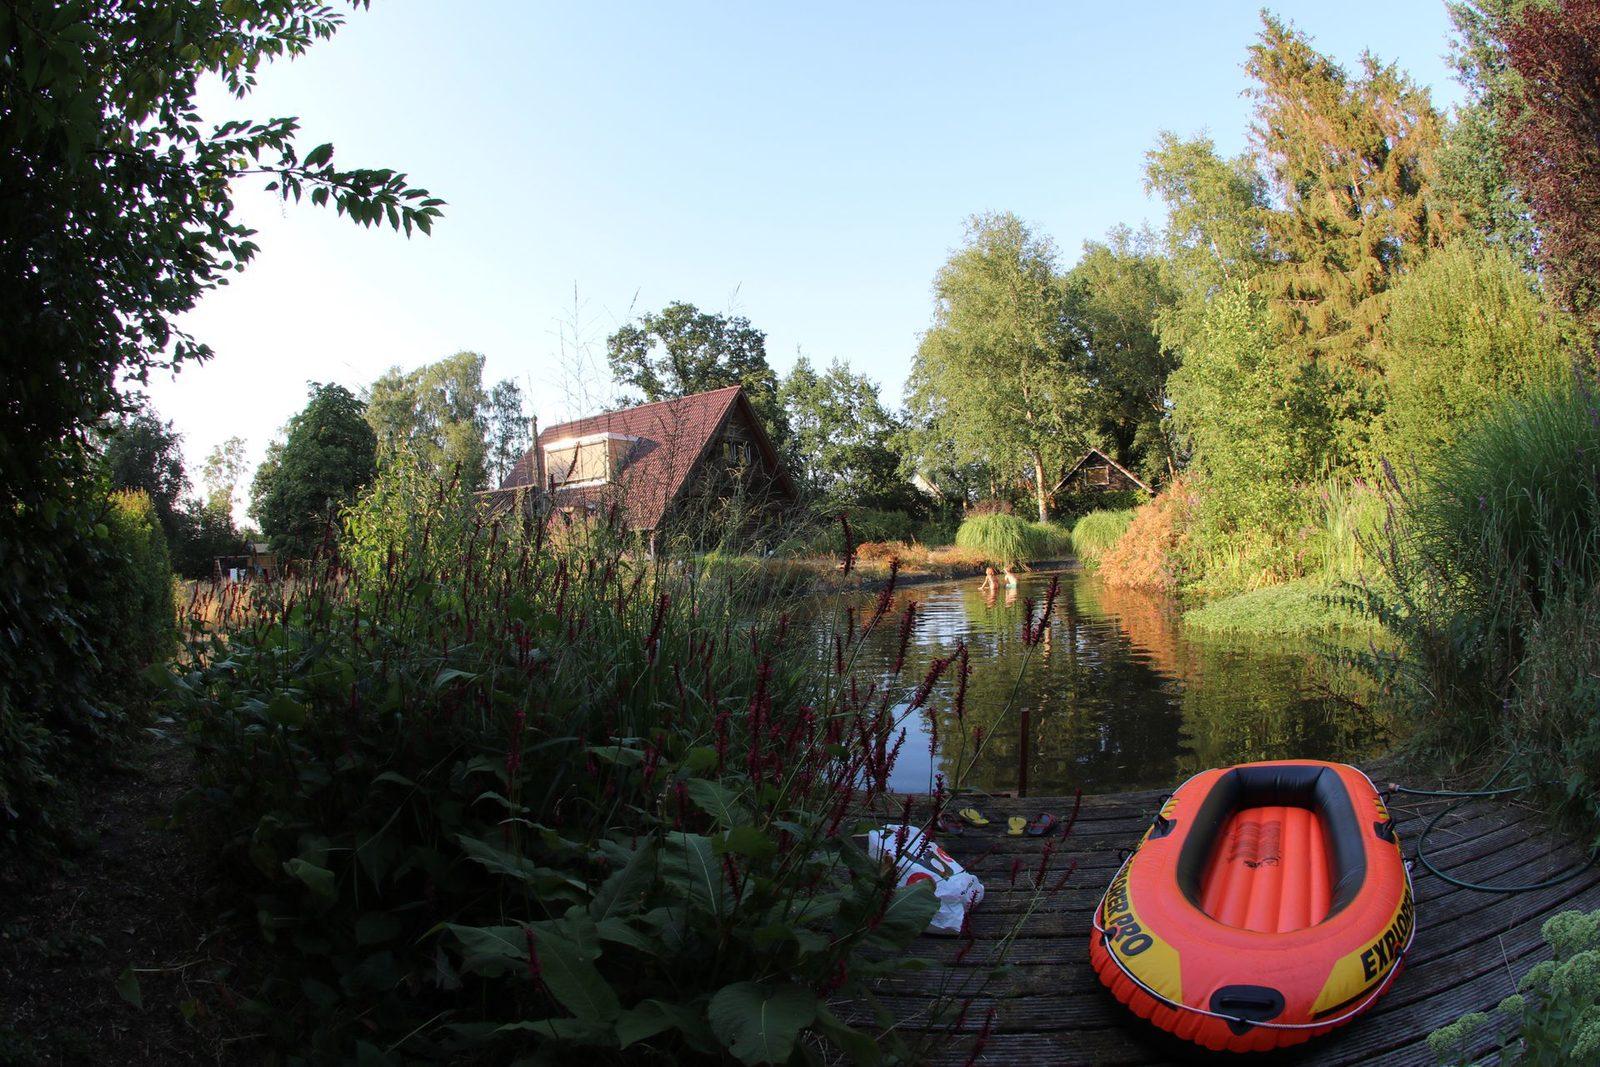 Zwemvijver van vakantiehuis Stoffels in Hulshorst, Veluwe